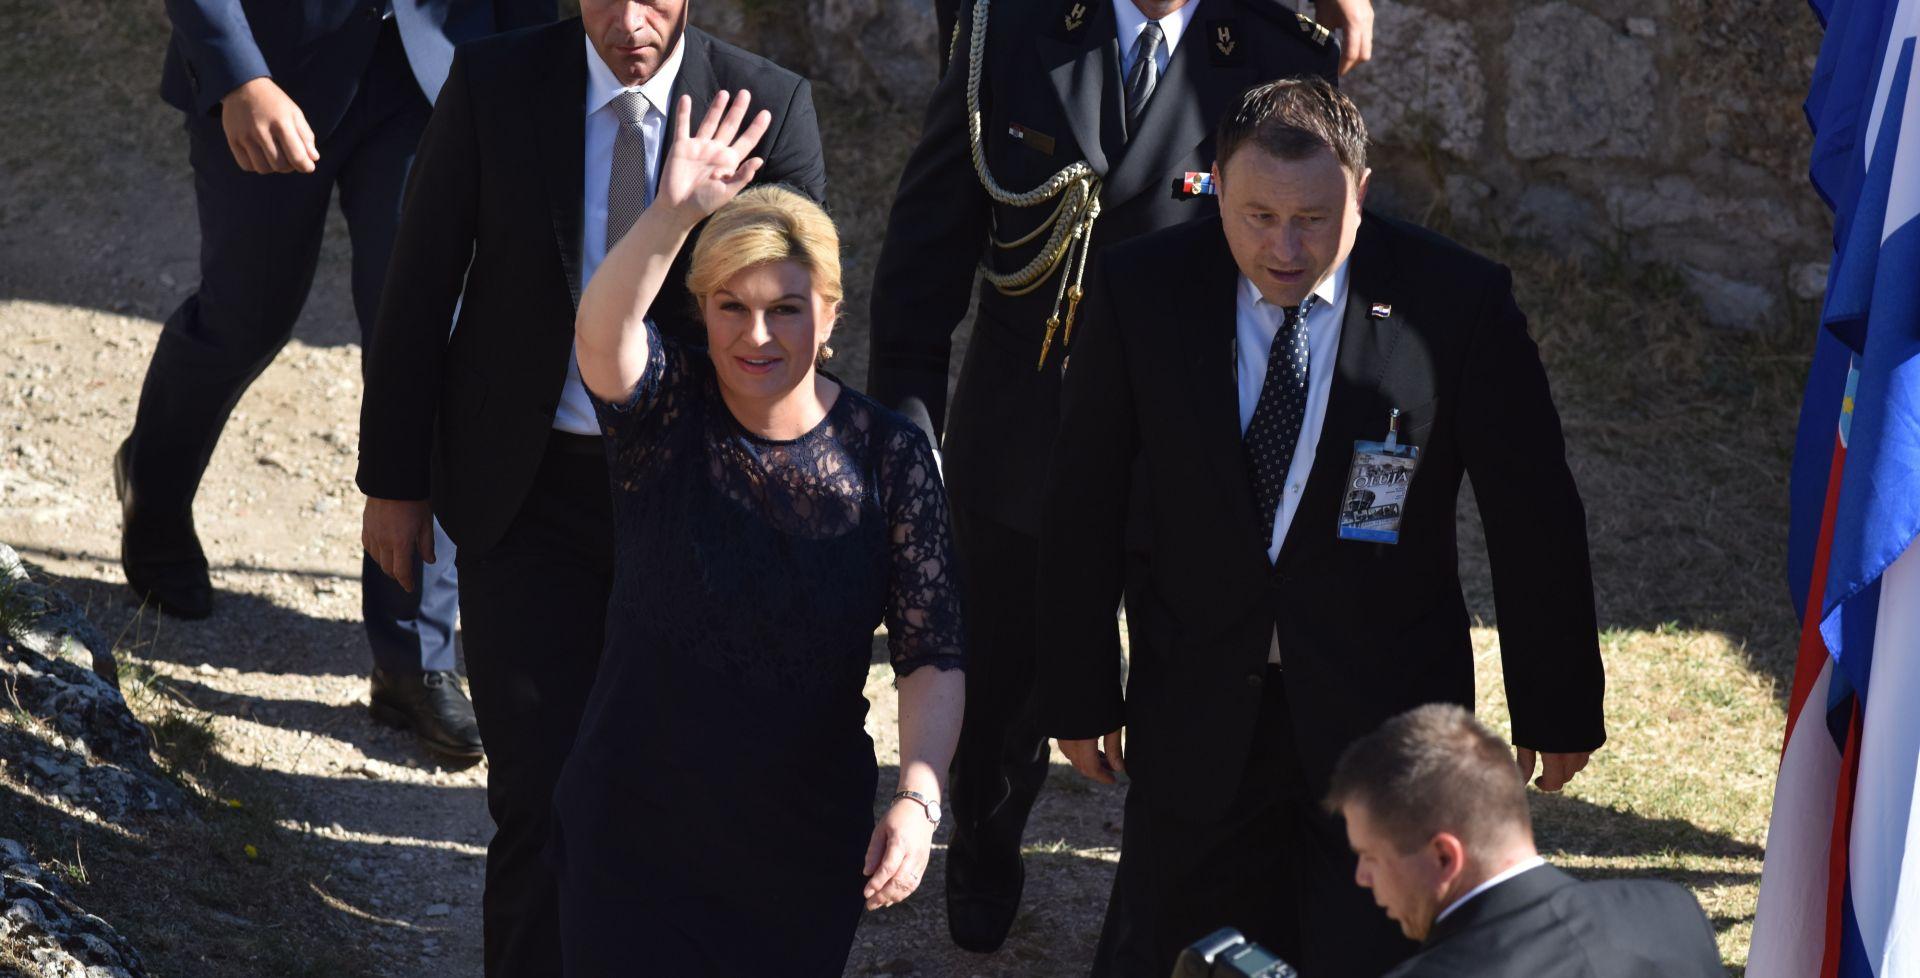 OBLJETNICA OLUJE Predsjednica Grabar-Kitarović: Hrvatska poštuje svaku žrtvu, a Oluja je bila etički čista